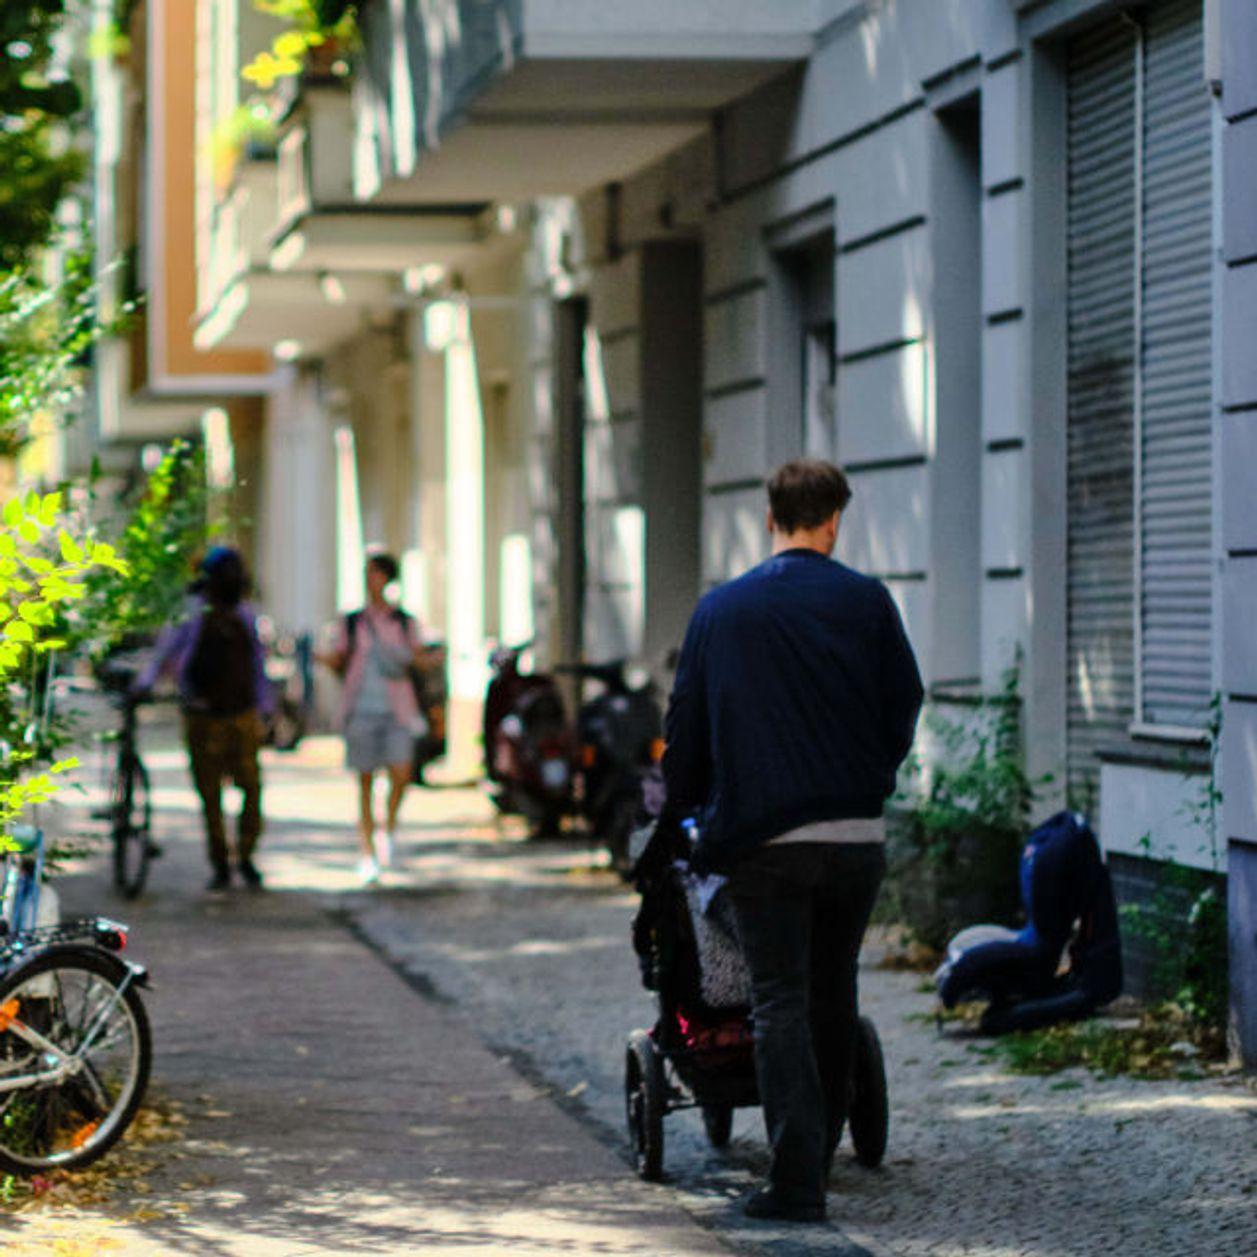 Étude Insee: un quart des familles françaises sont monoparentales